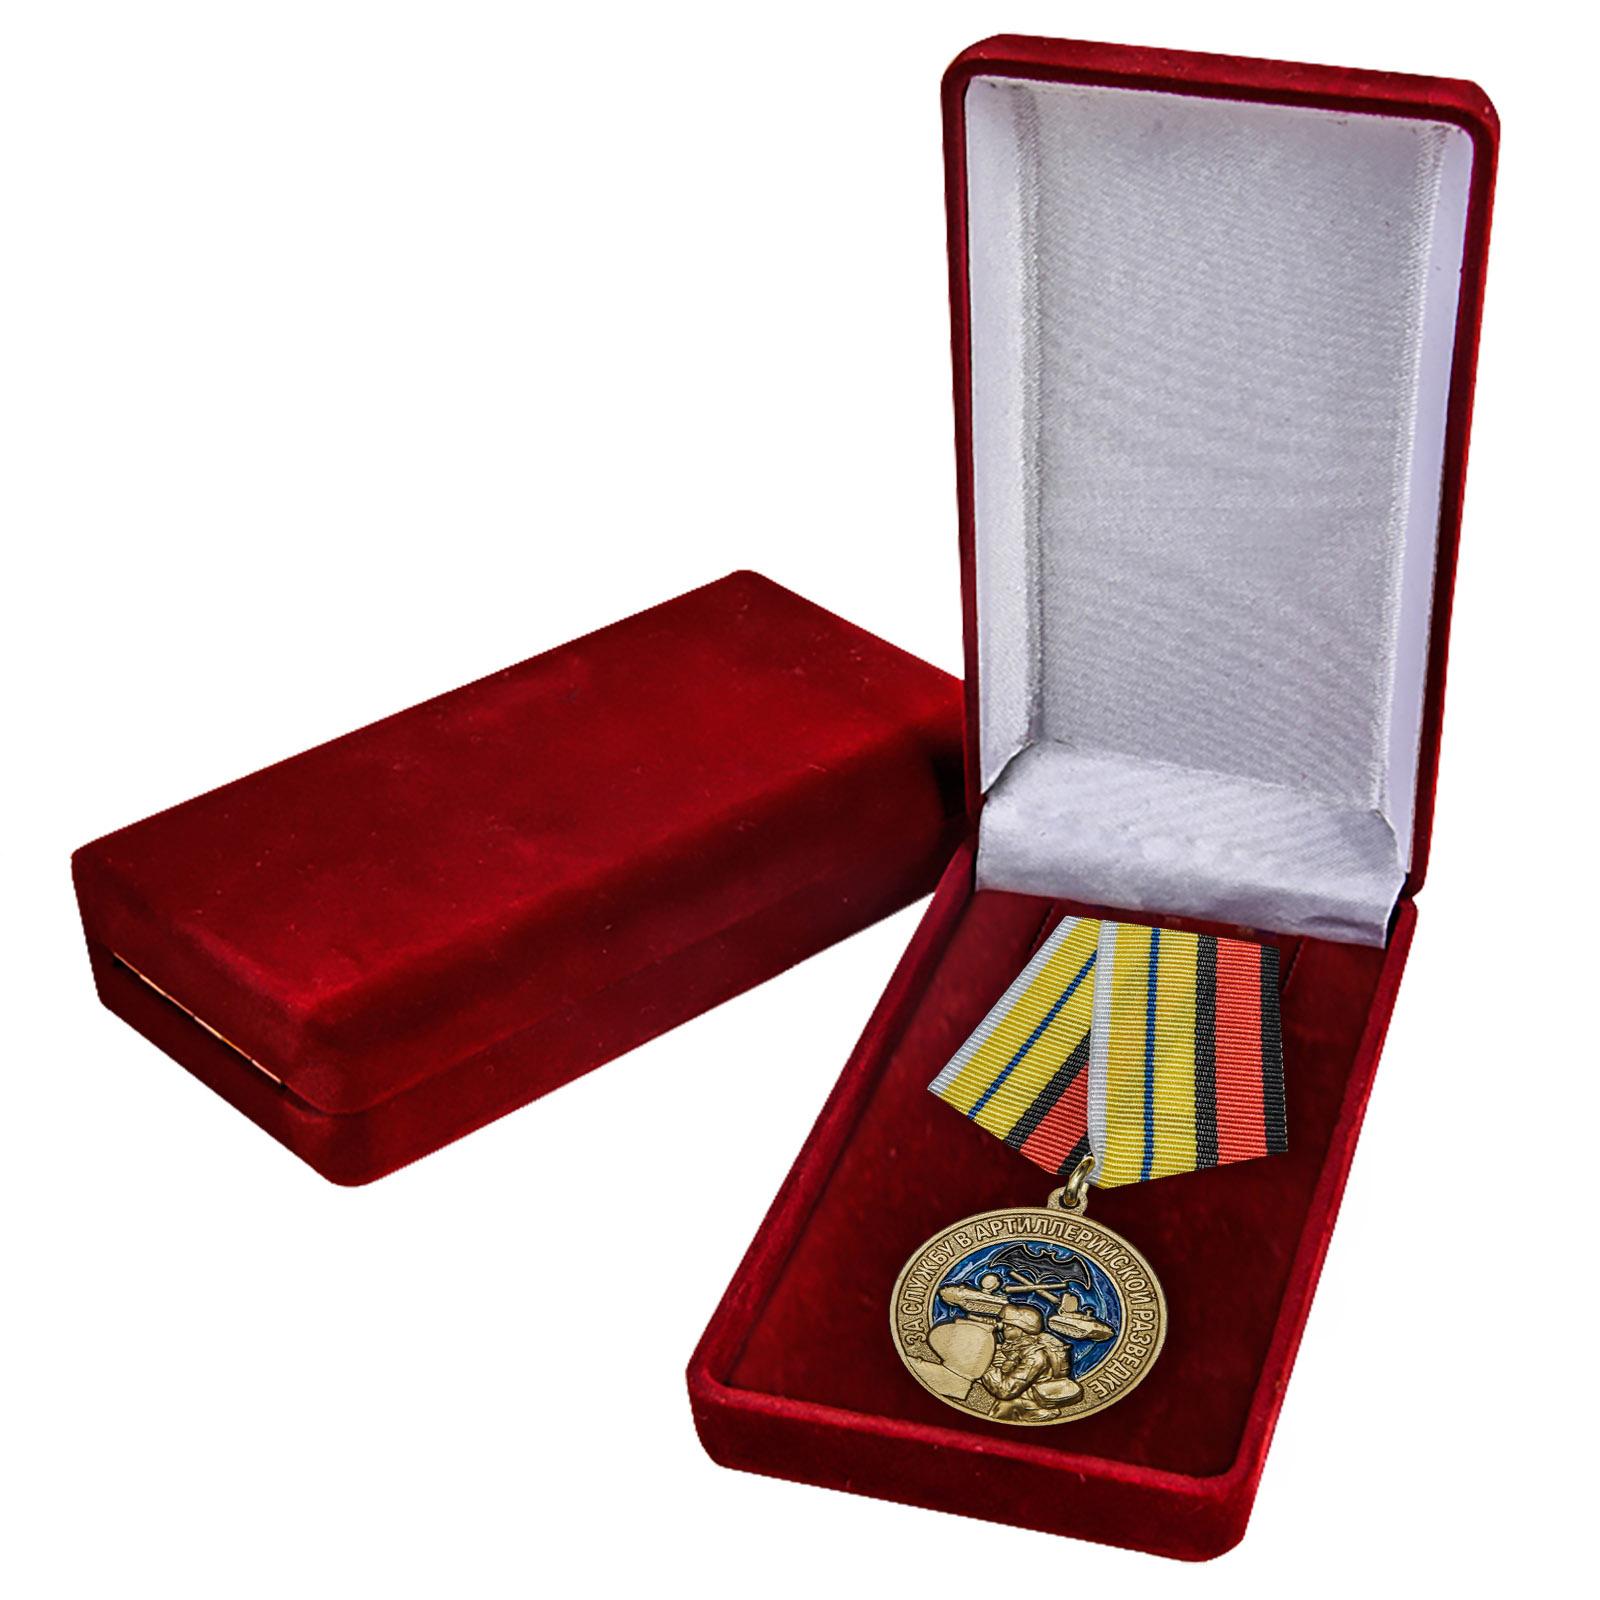 Наградная медаль За службу в артиллерийской разведке